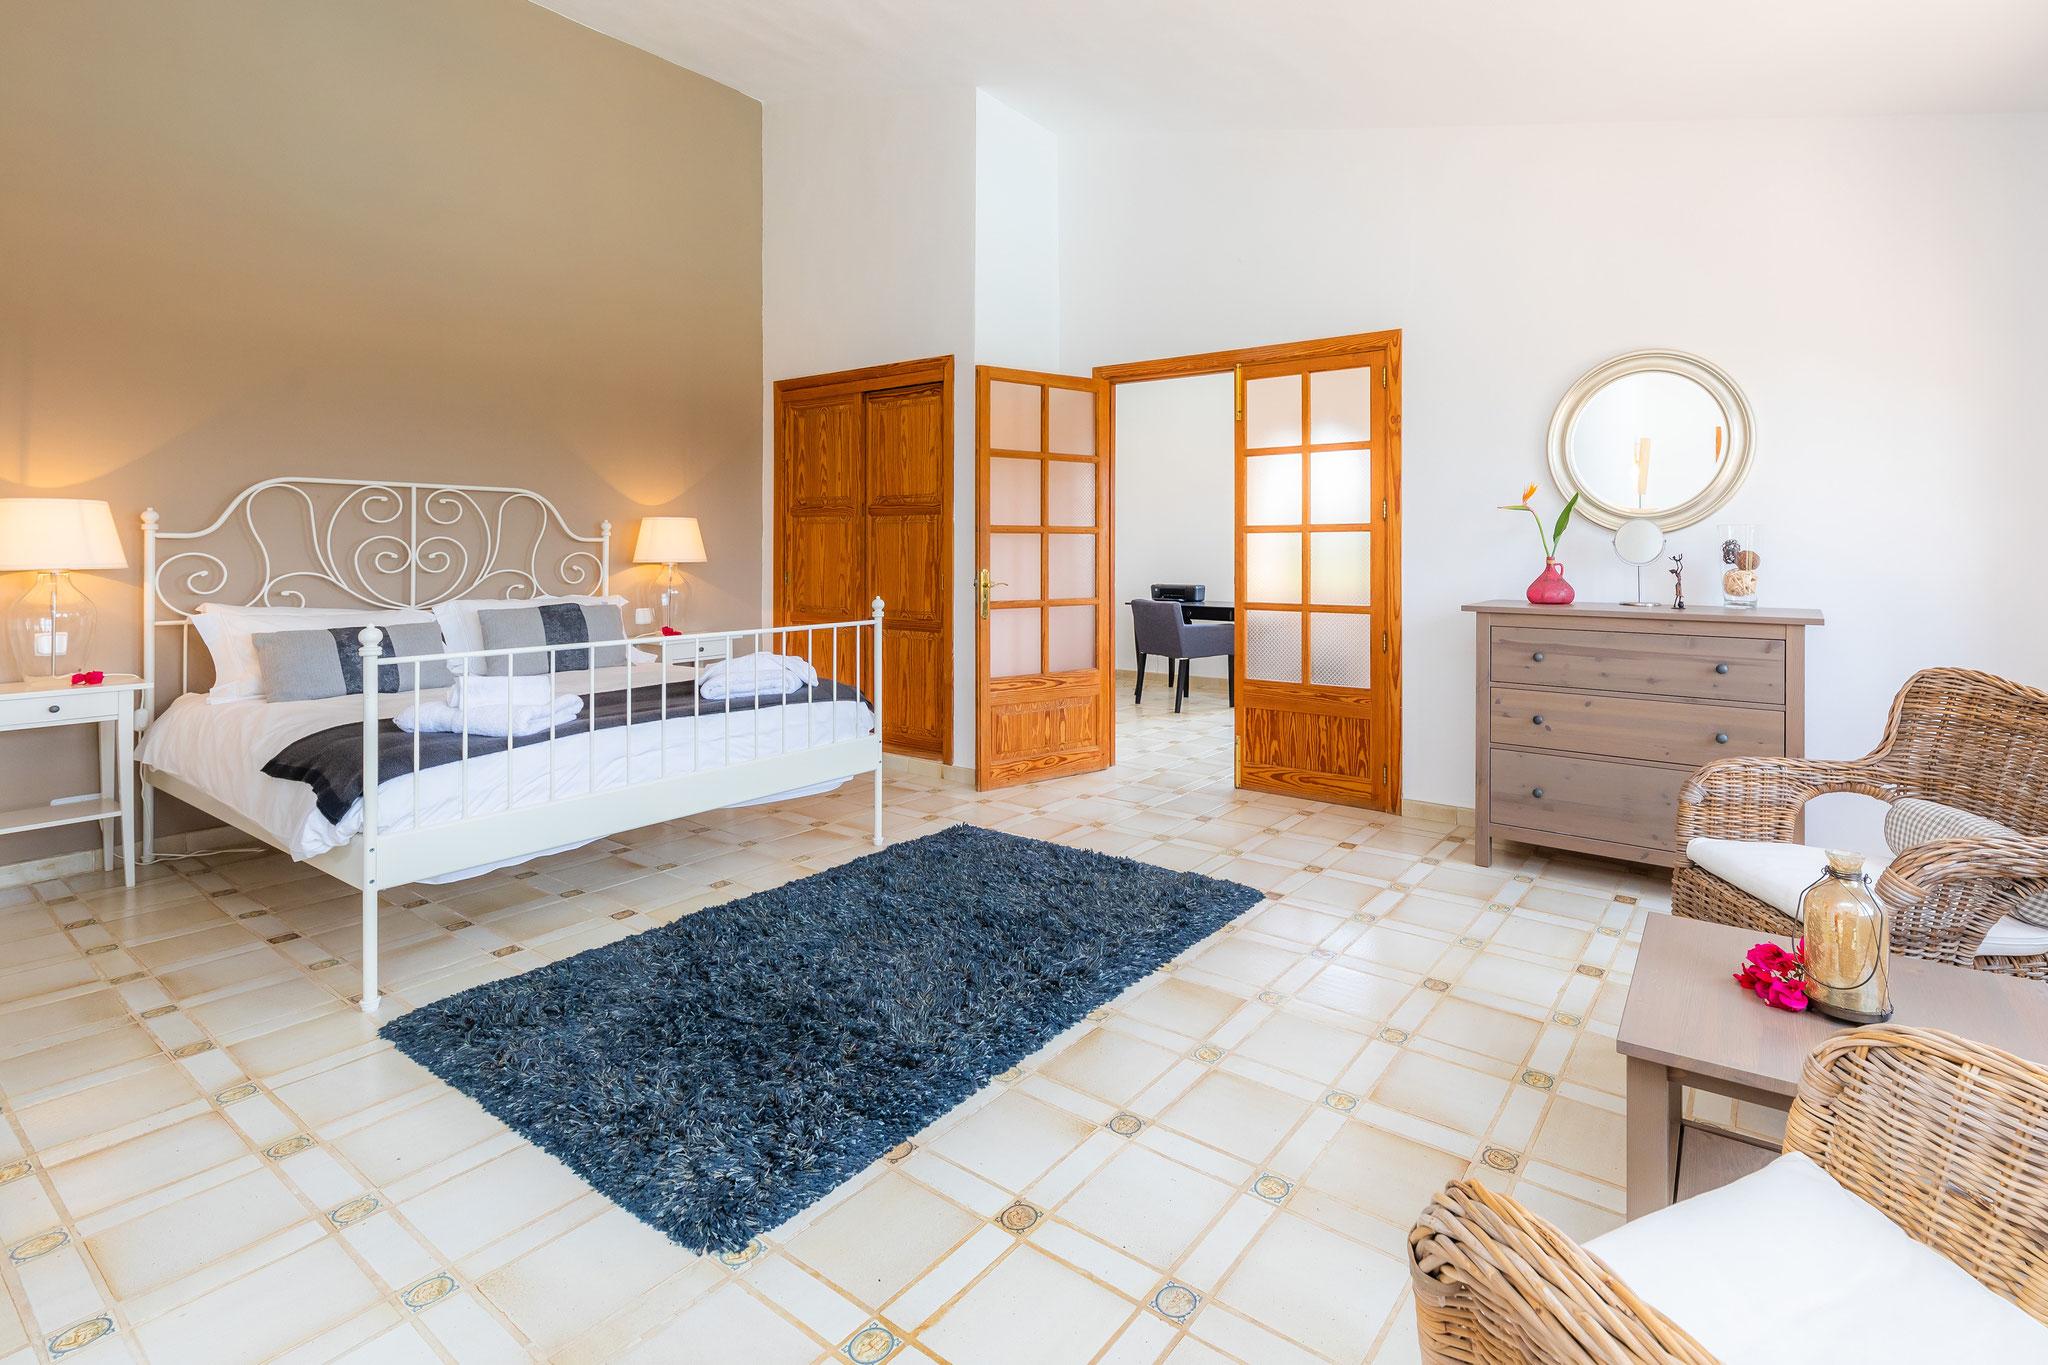 dormitorio principal con salón